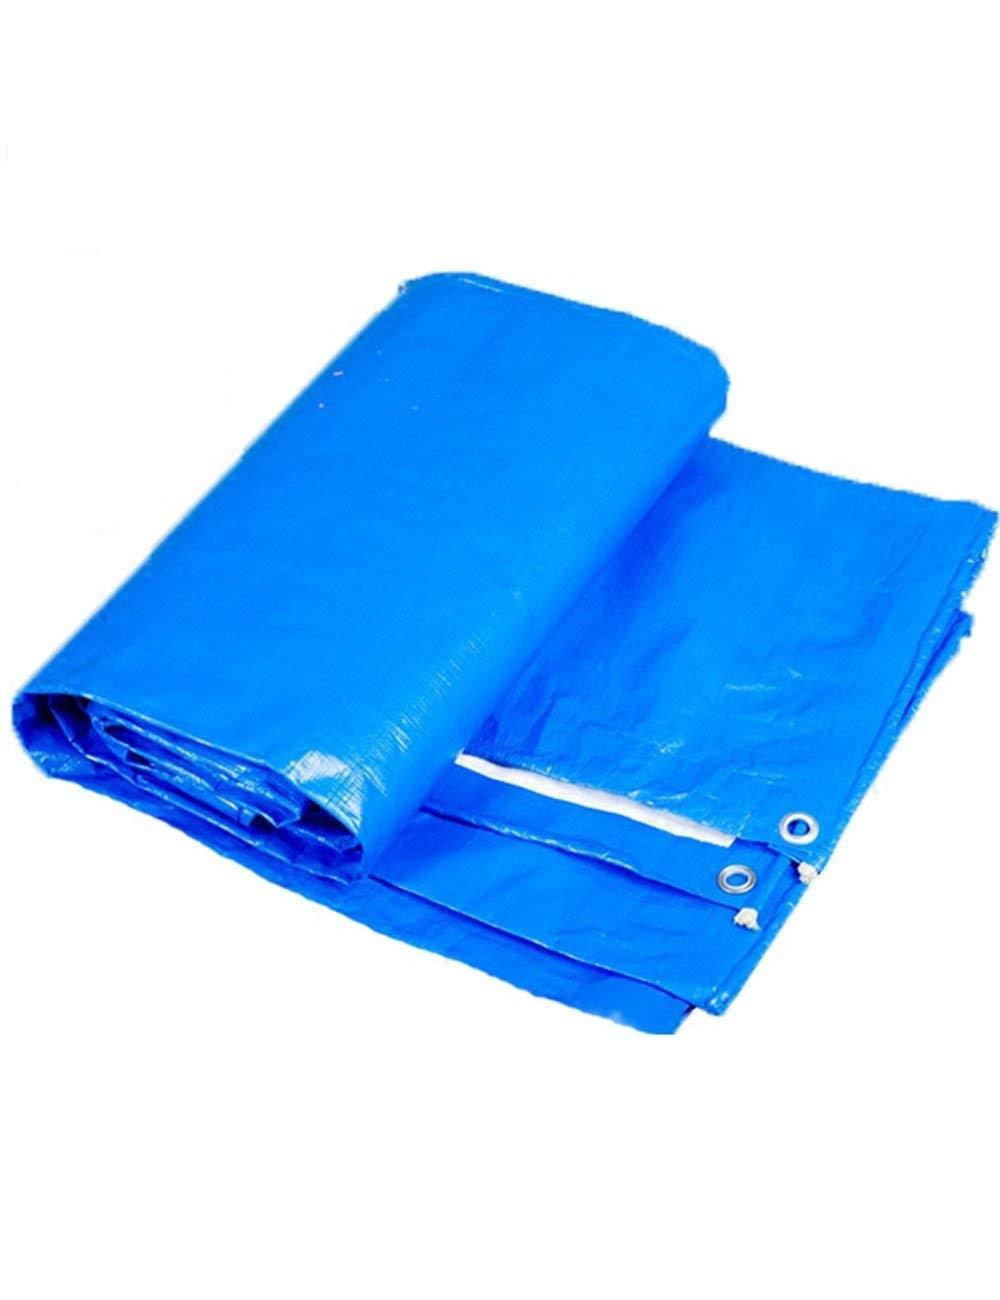 Fonly Fonly Fonly Tenda da campeggio in plastica blu, telo da campeggio, copertura in tela, telo da esterno in diverse dimensioni (Dimensione   3m4m) B07H18ZSWD 3m4m | Del Nuovo Di Stile  | Queensland  | Di Modo Attraente  | Shop  da8711